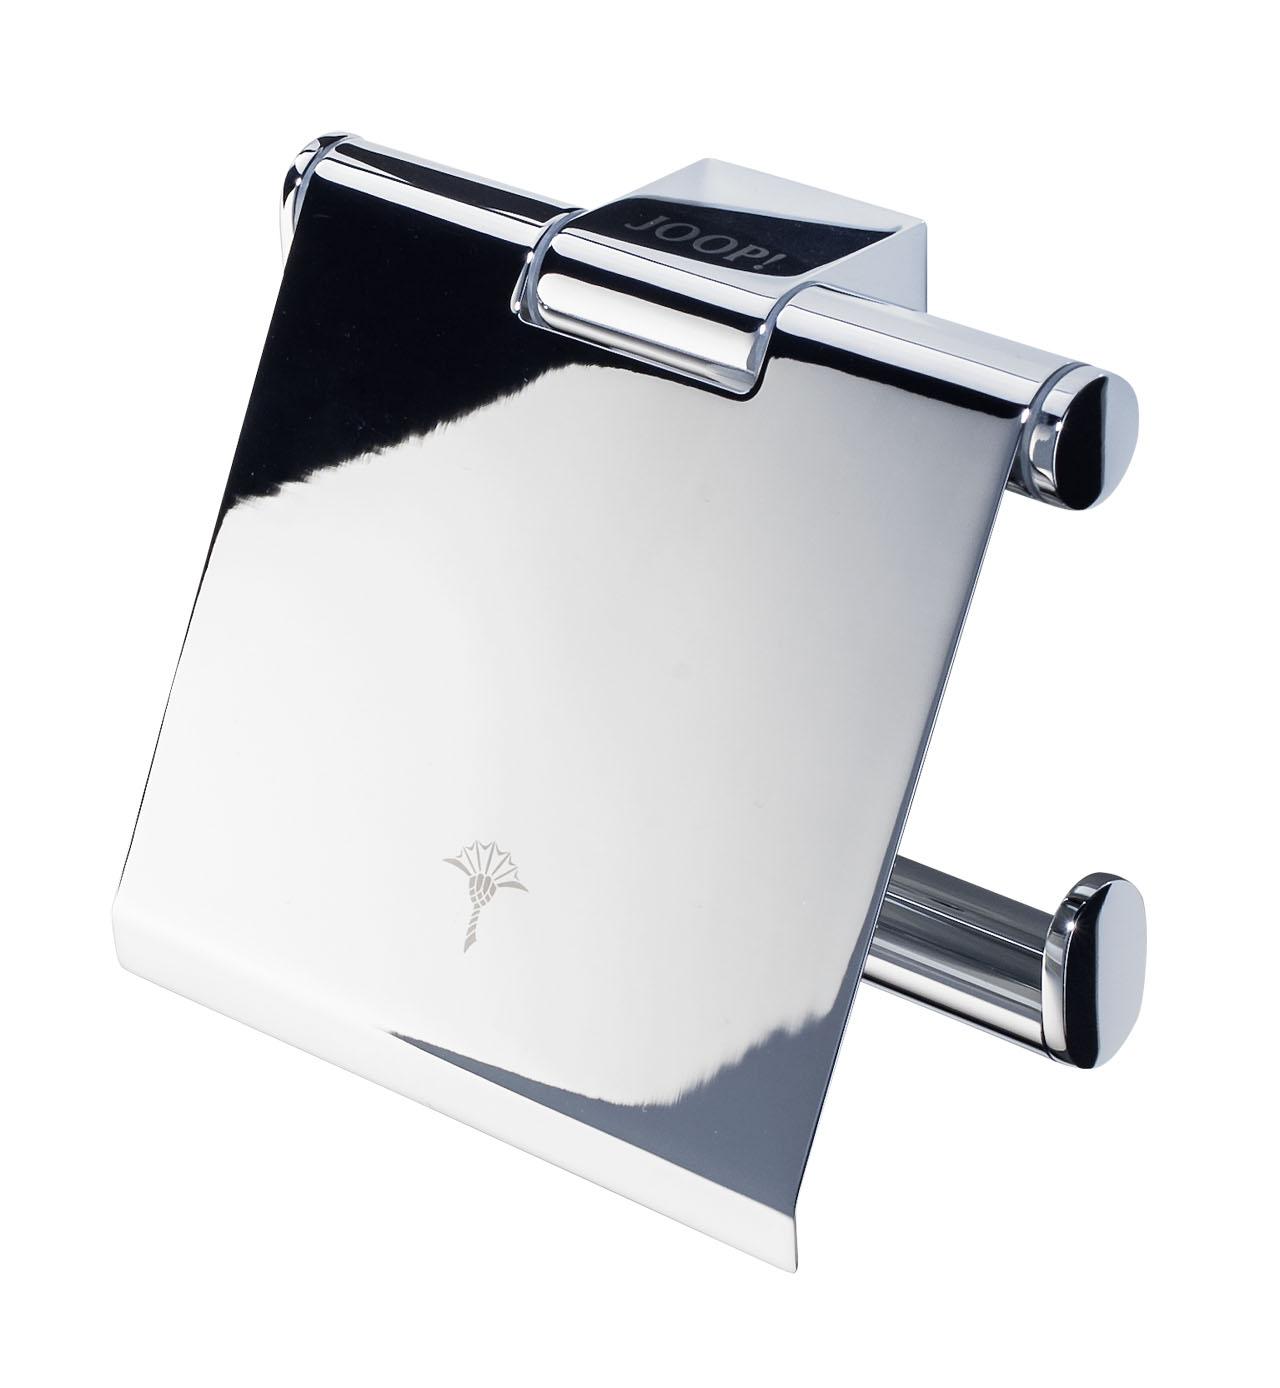 joop toilettenpapierhalter mit deckel toilettenpapierhalter accessoires aus liebe zum bad. Black Bedroom Furniture Sets. Home Design Ideas